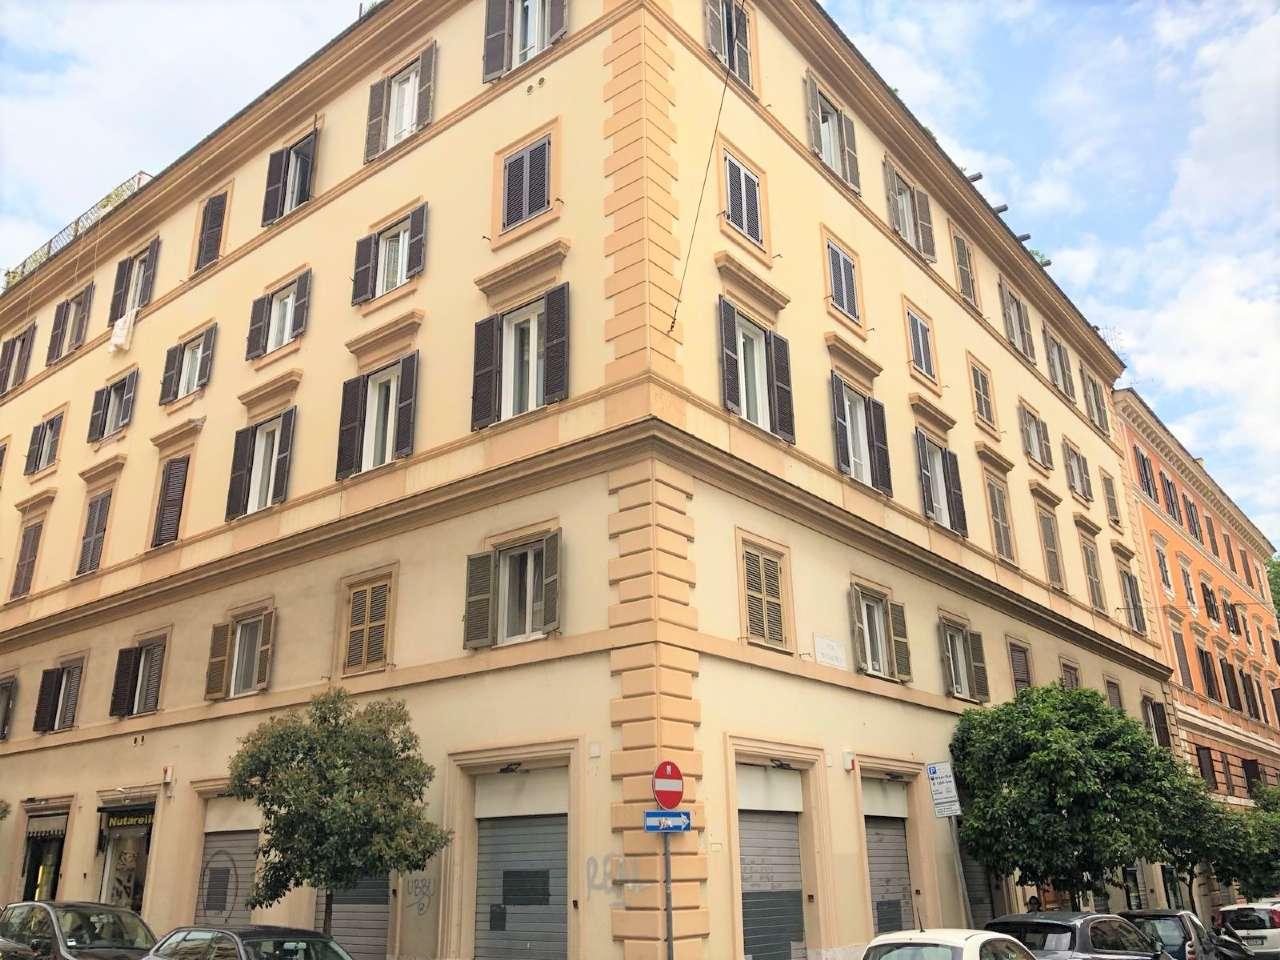 Bilocale roma affitto zona 1 centro storico 45 for Affitto c1 roma centro